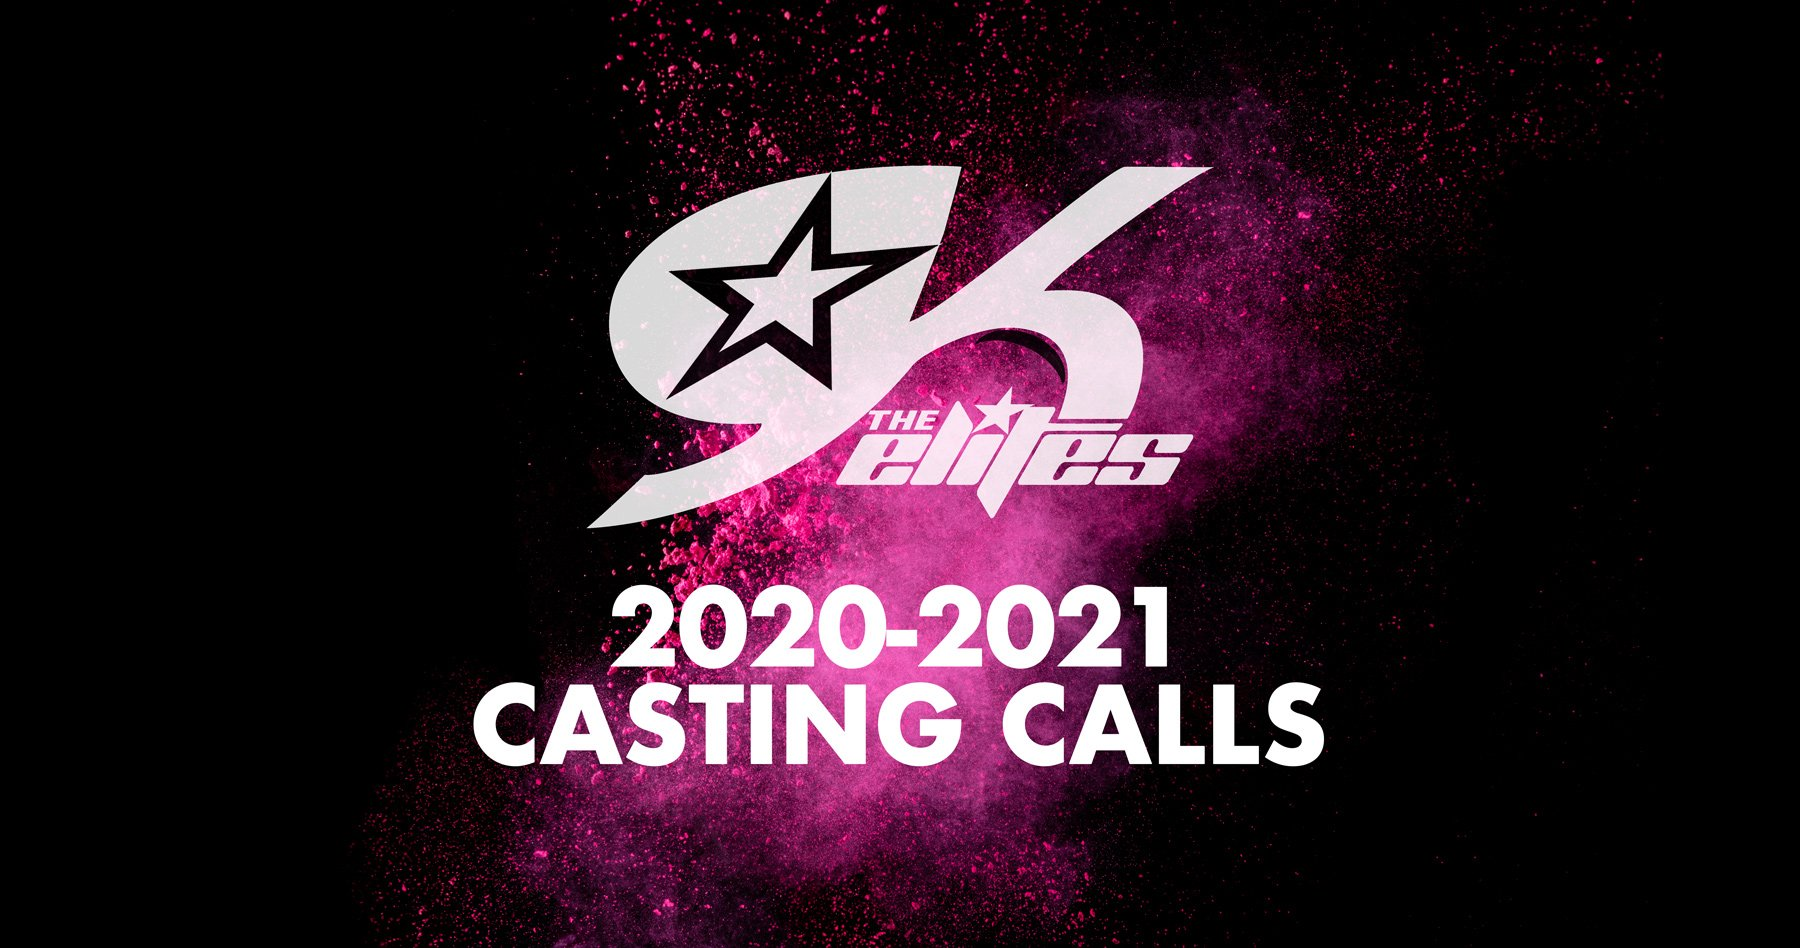 GK-ELITES-CASTING-CALLS-2020-2021